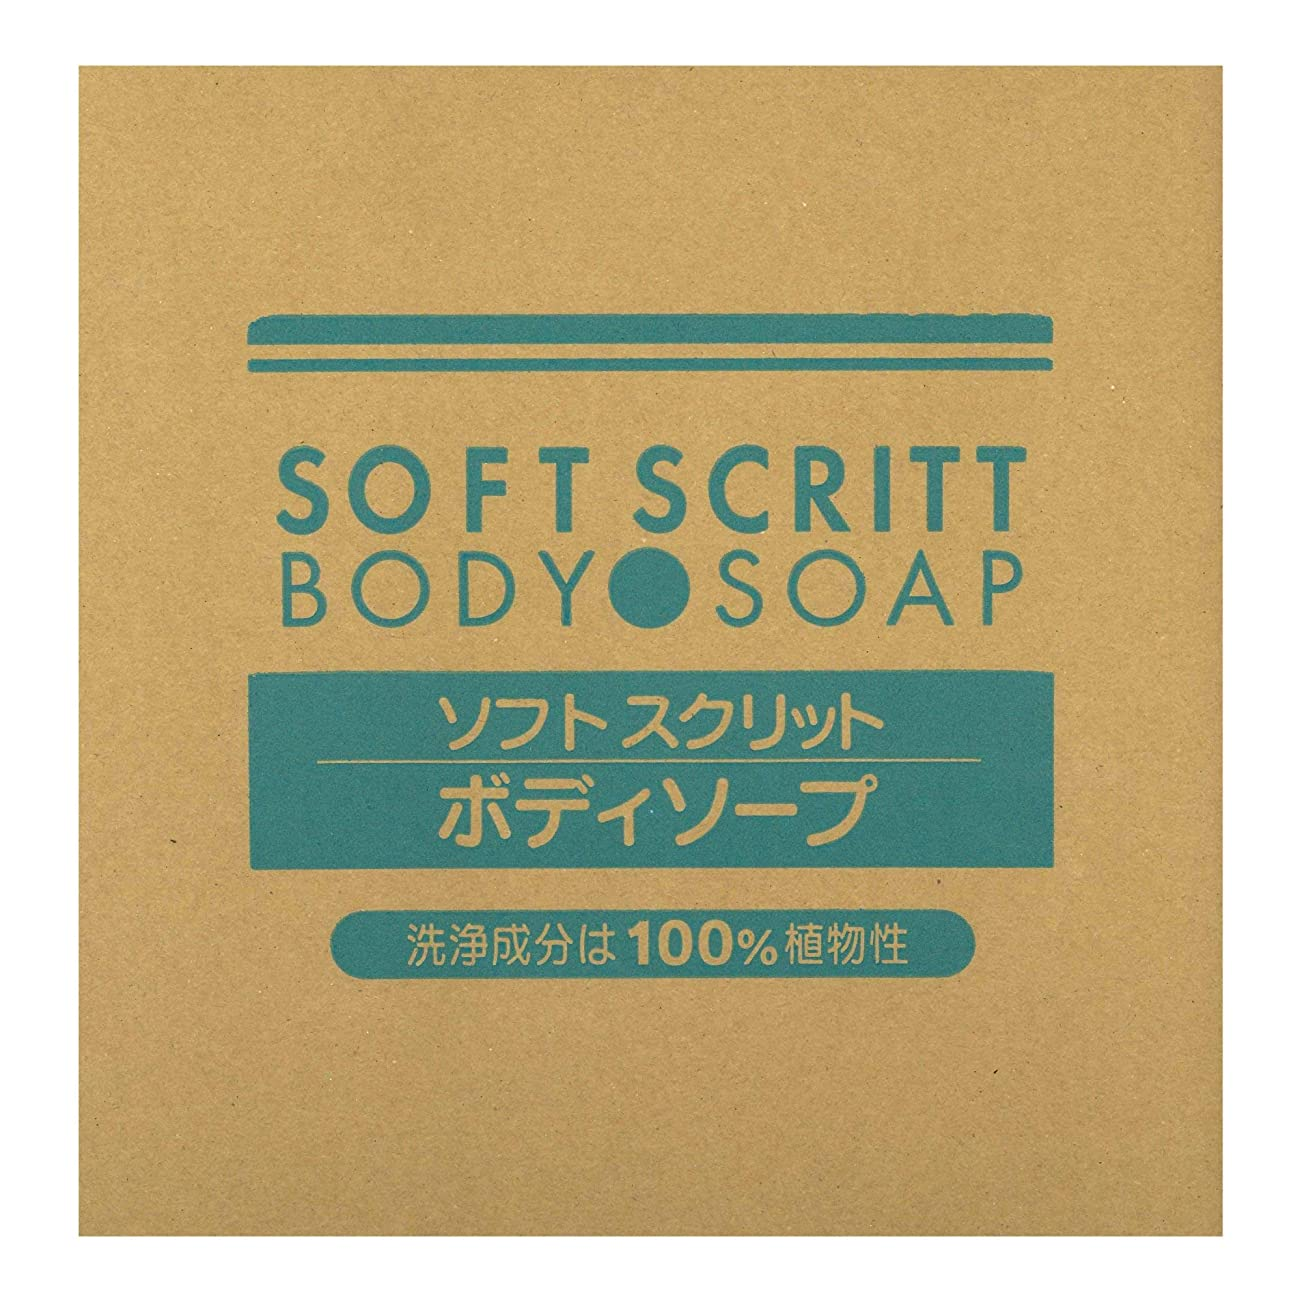 タイト構造取り組む熊野油脂 業務用 SOFT SCRITT(ソフト スクリット) ボディソープ 18L